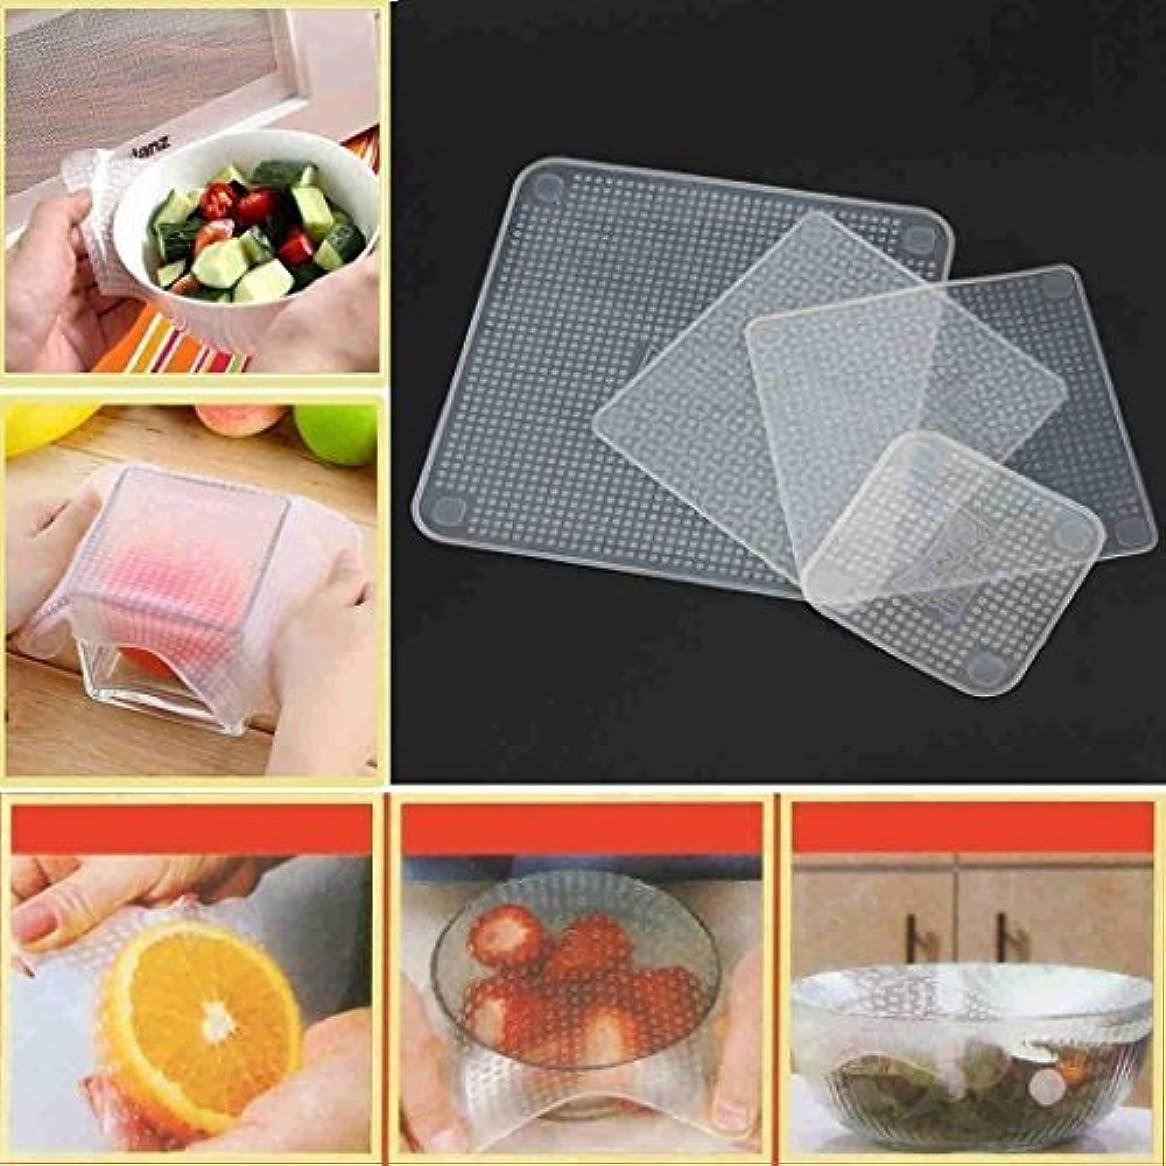 メタンキルスコールド4倍速シリコーン再利用可能な食品の新鮮なキッチンラップストレッチボールツールシールカバーを保つこと